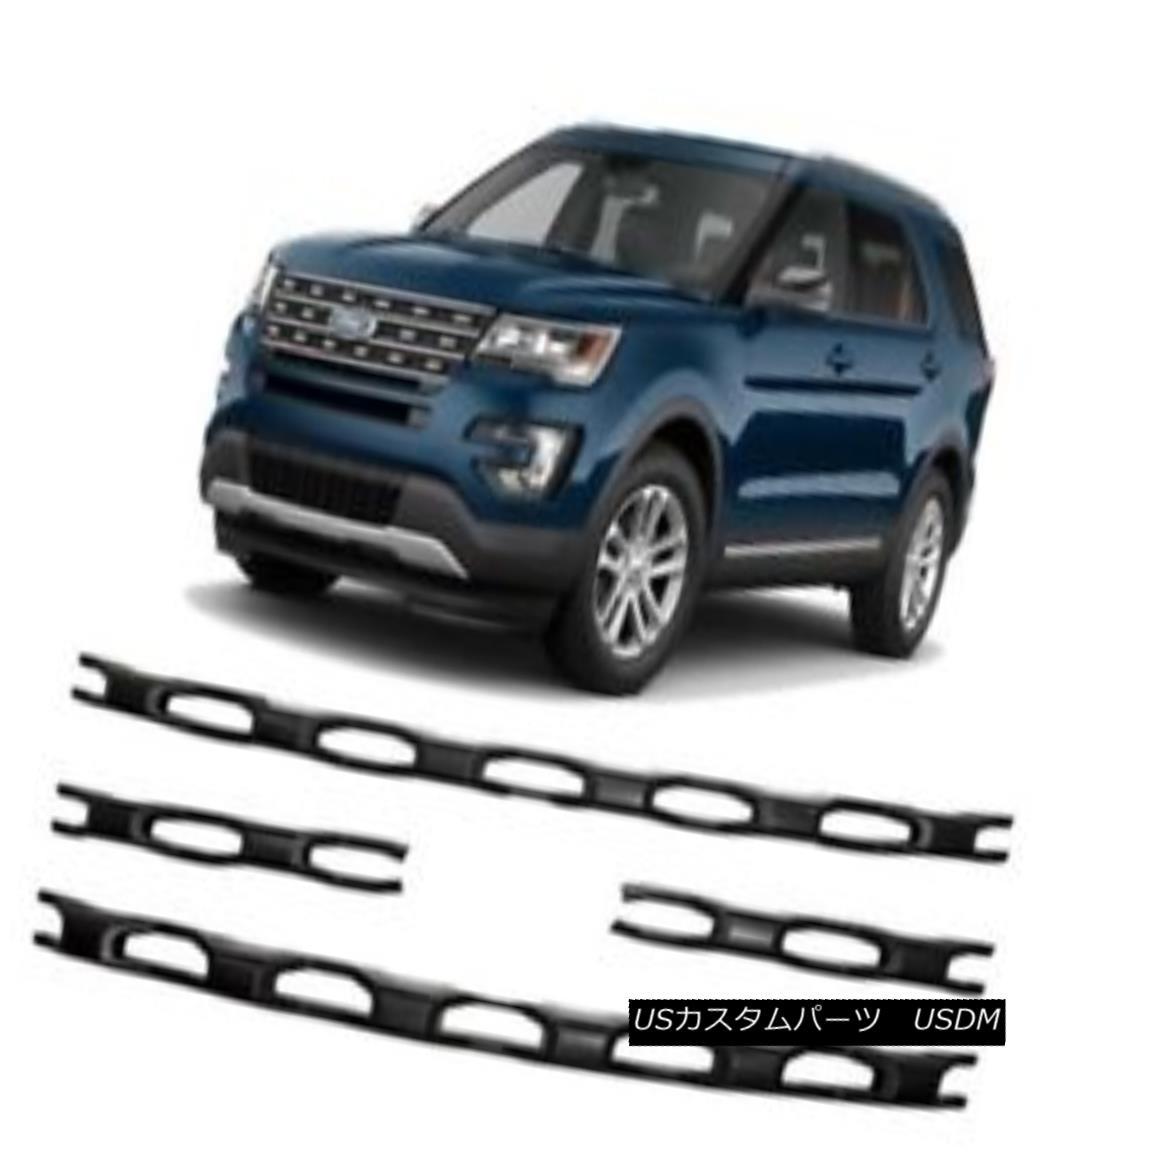 グリル Fits 2016-17 Ford Explorer - 4pc Black Grille Insert - IWCGI139BLK フィット2016-17フォードエクスプローラー - 4pcブラックグリルインサート - IWCGI139BLK